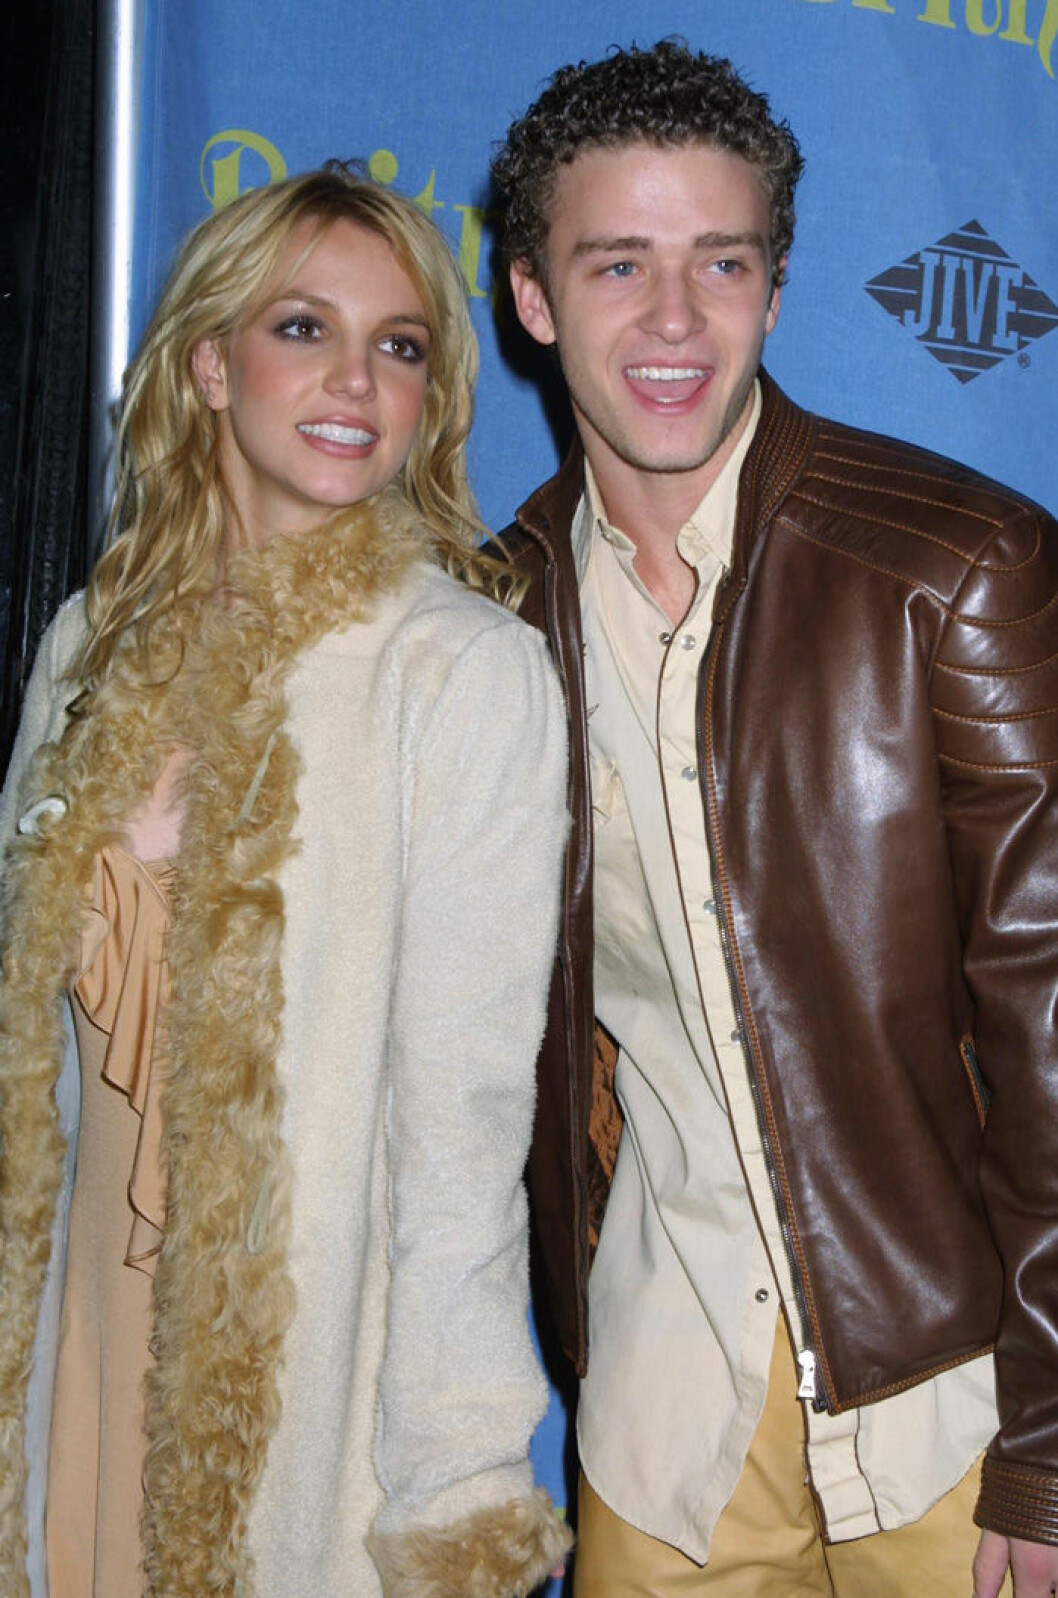 En bild på Britney Spears och Justin Timberlake under relasefesten för albumet Britney 2001.